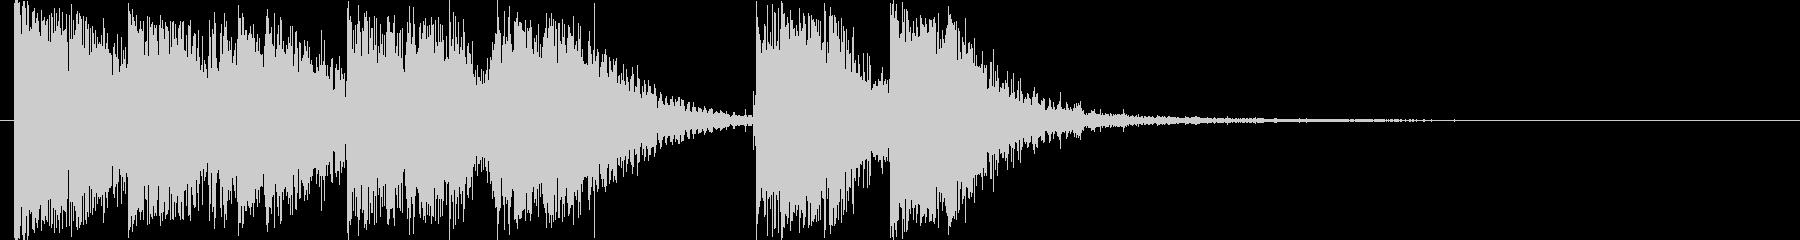 爆竹/銃撃戦「パンパンパパン」3秒の未再生の波形